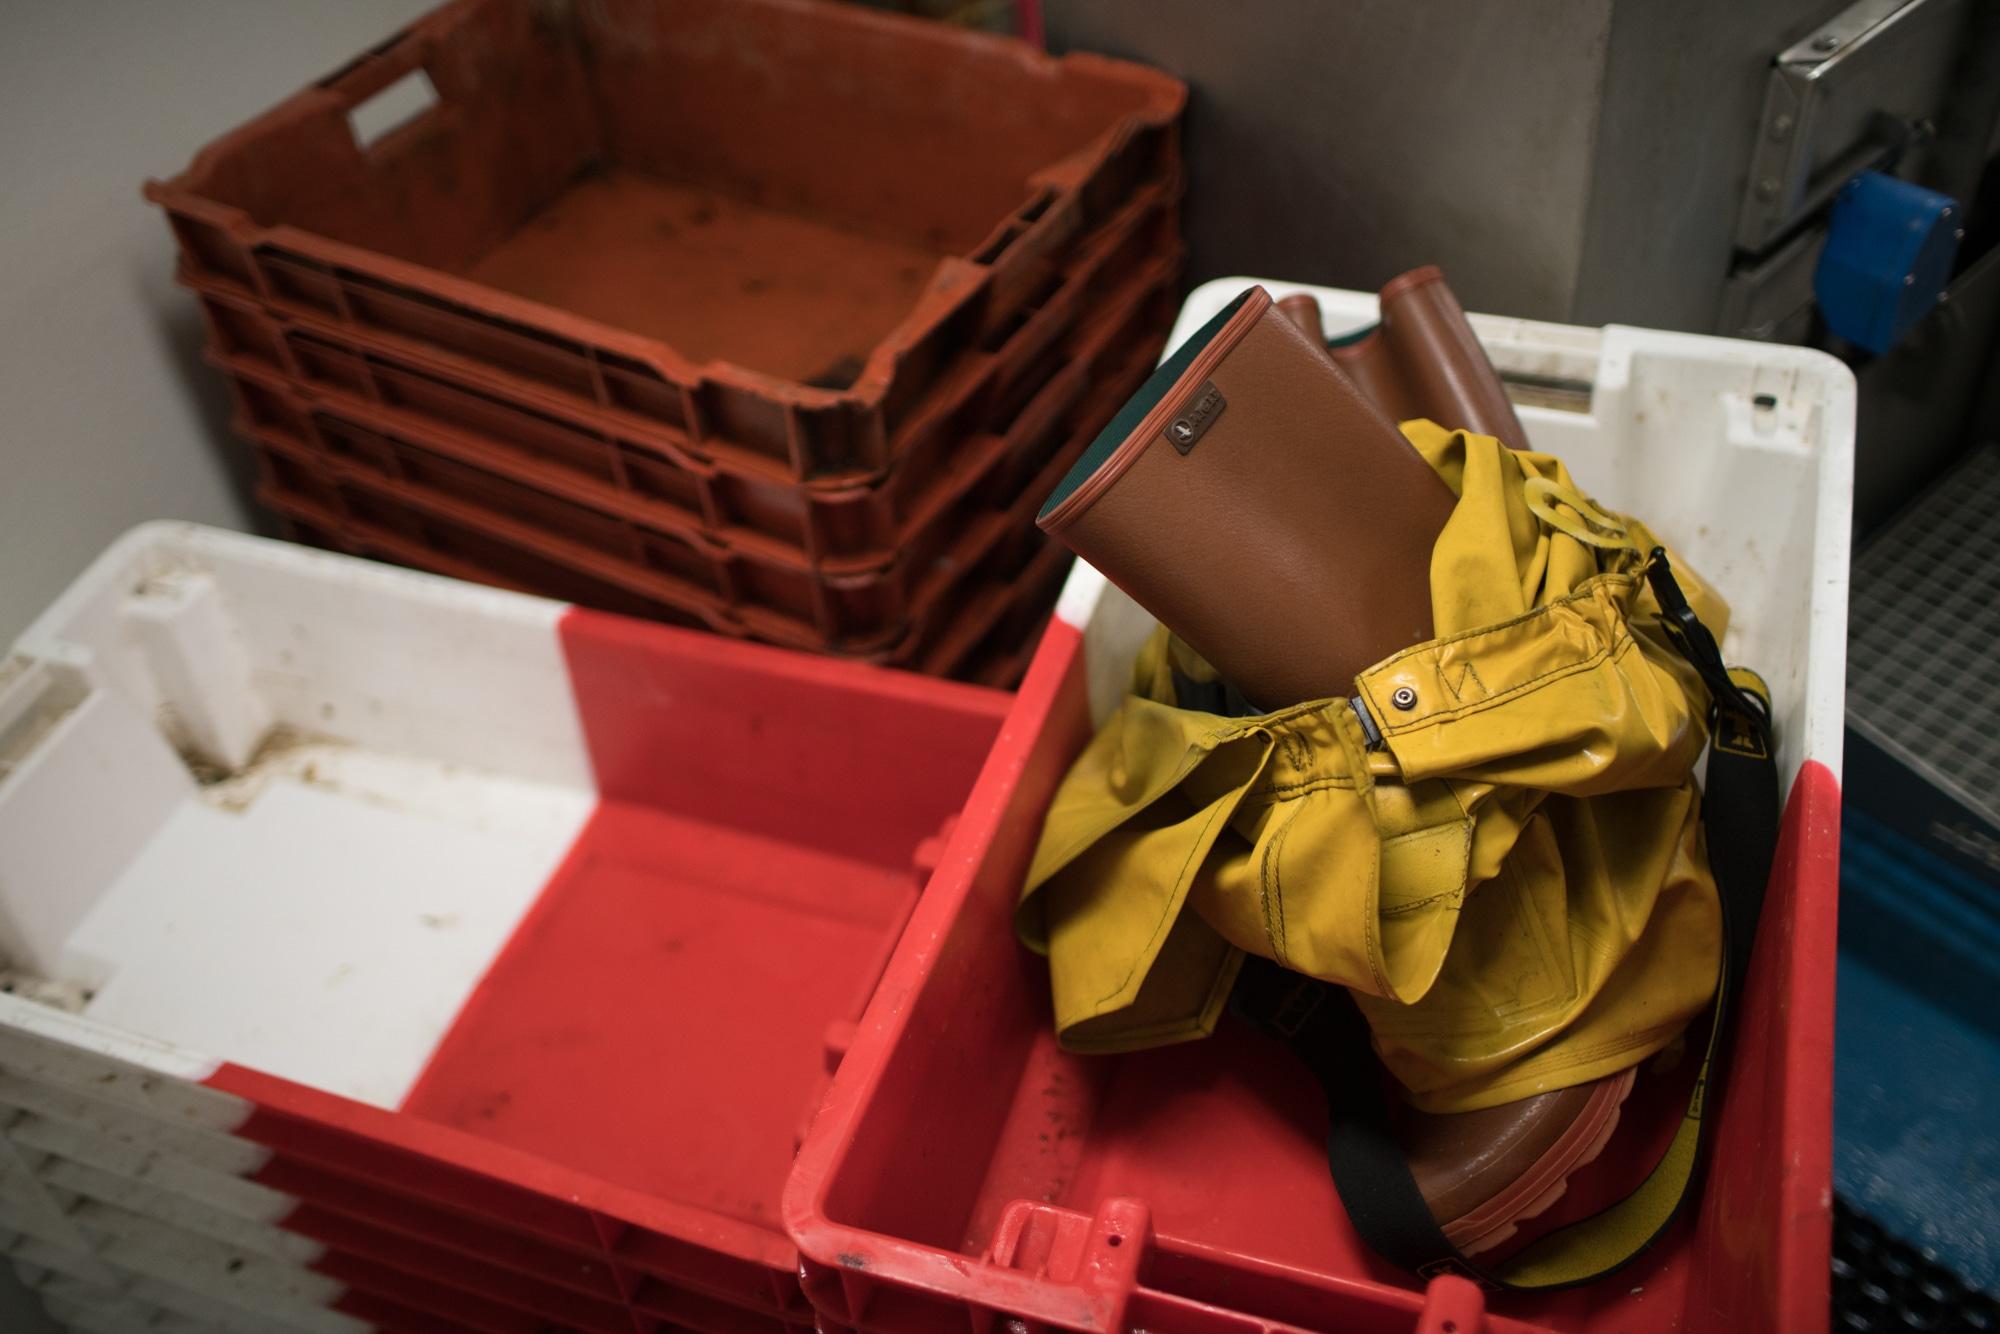 Une paire de bottes et une salopette en ciré jaune sont posées sur des piles de caisses.